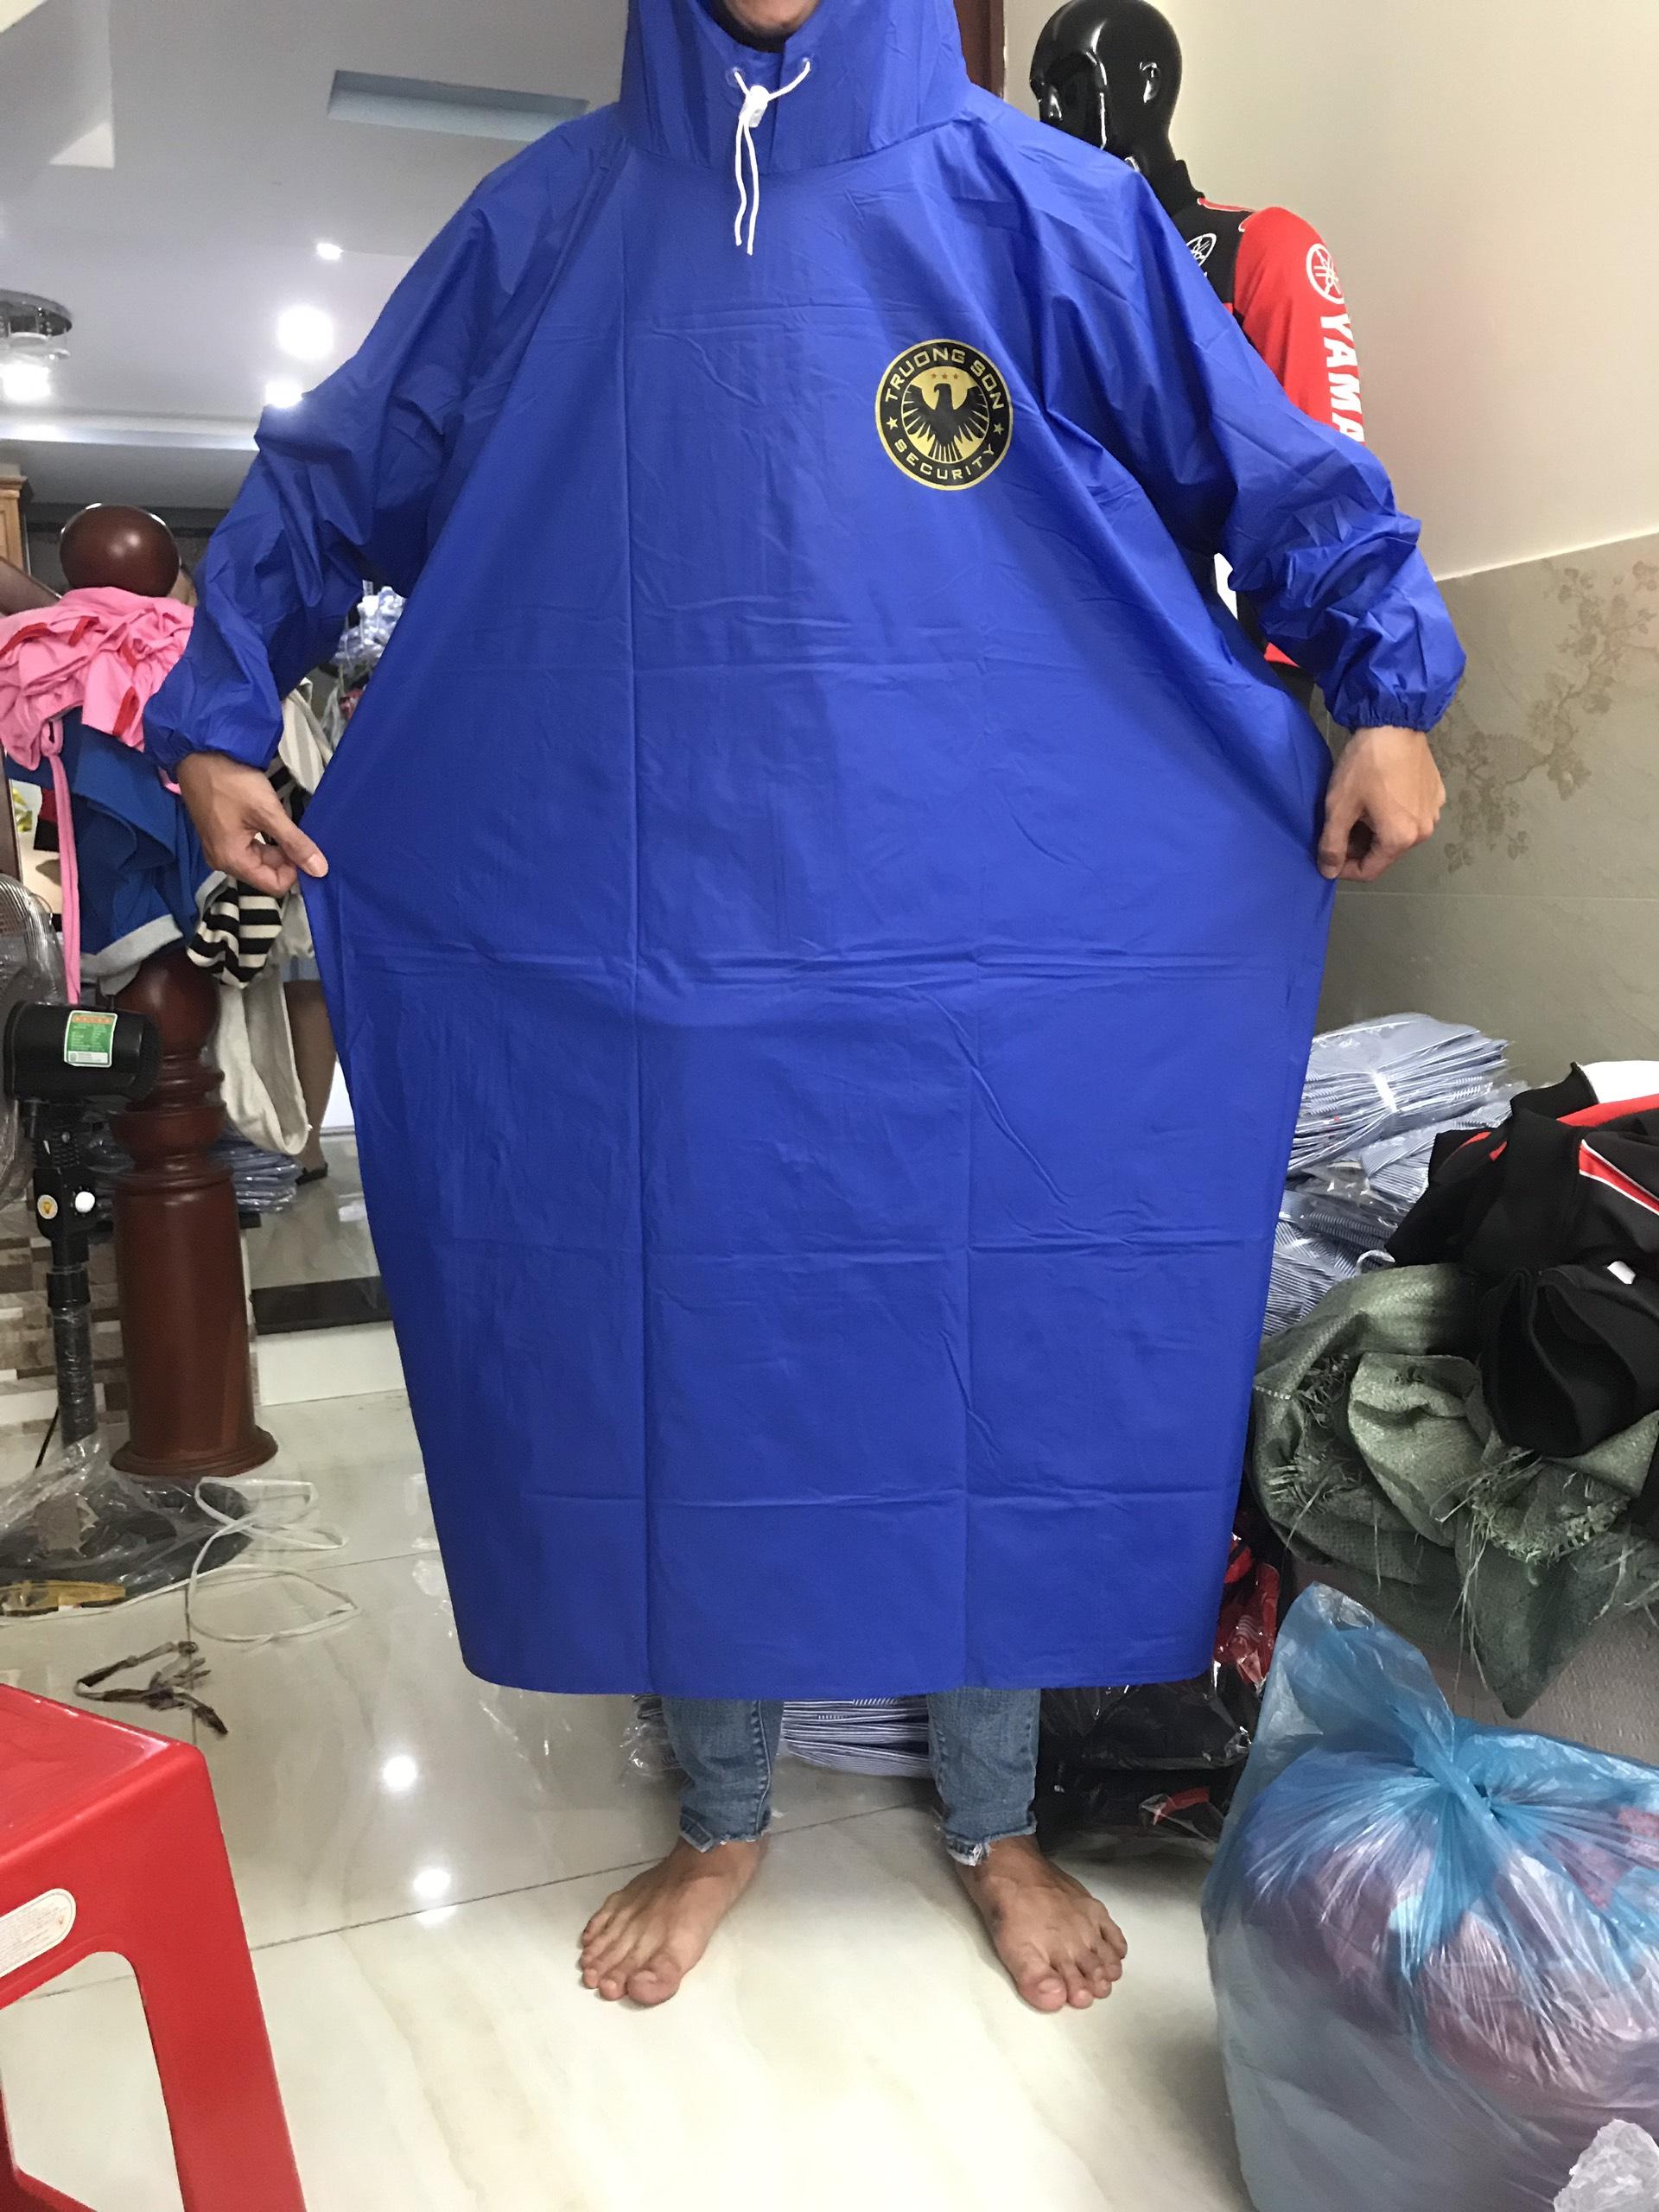 Địa chỉ sản xuất áo mưa bít giá rẻ làm quà tặng